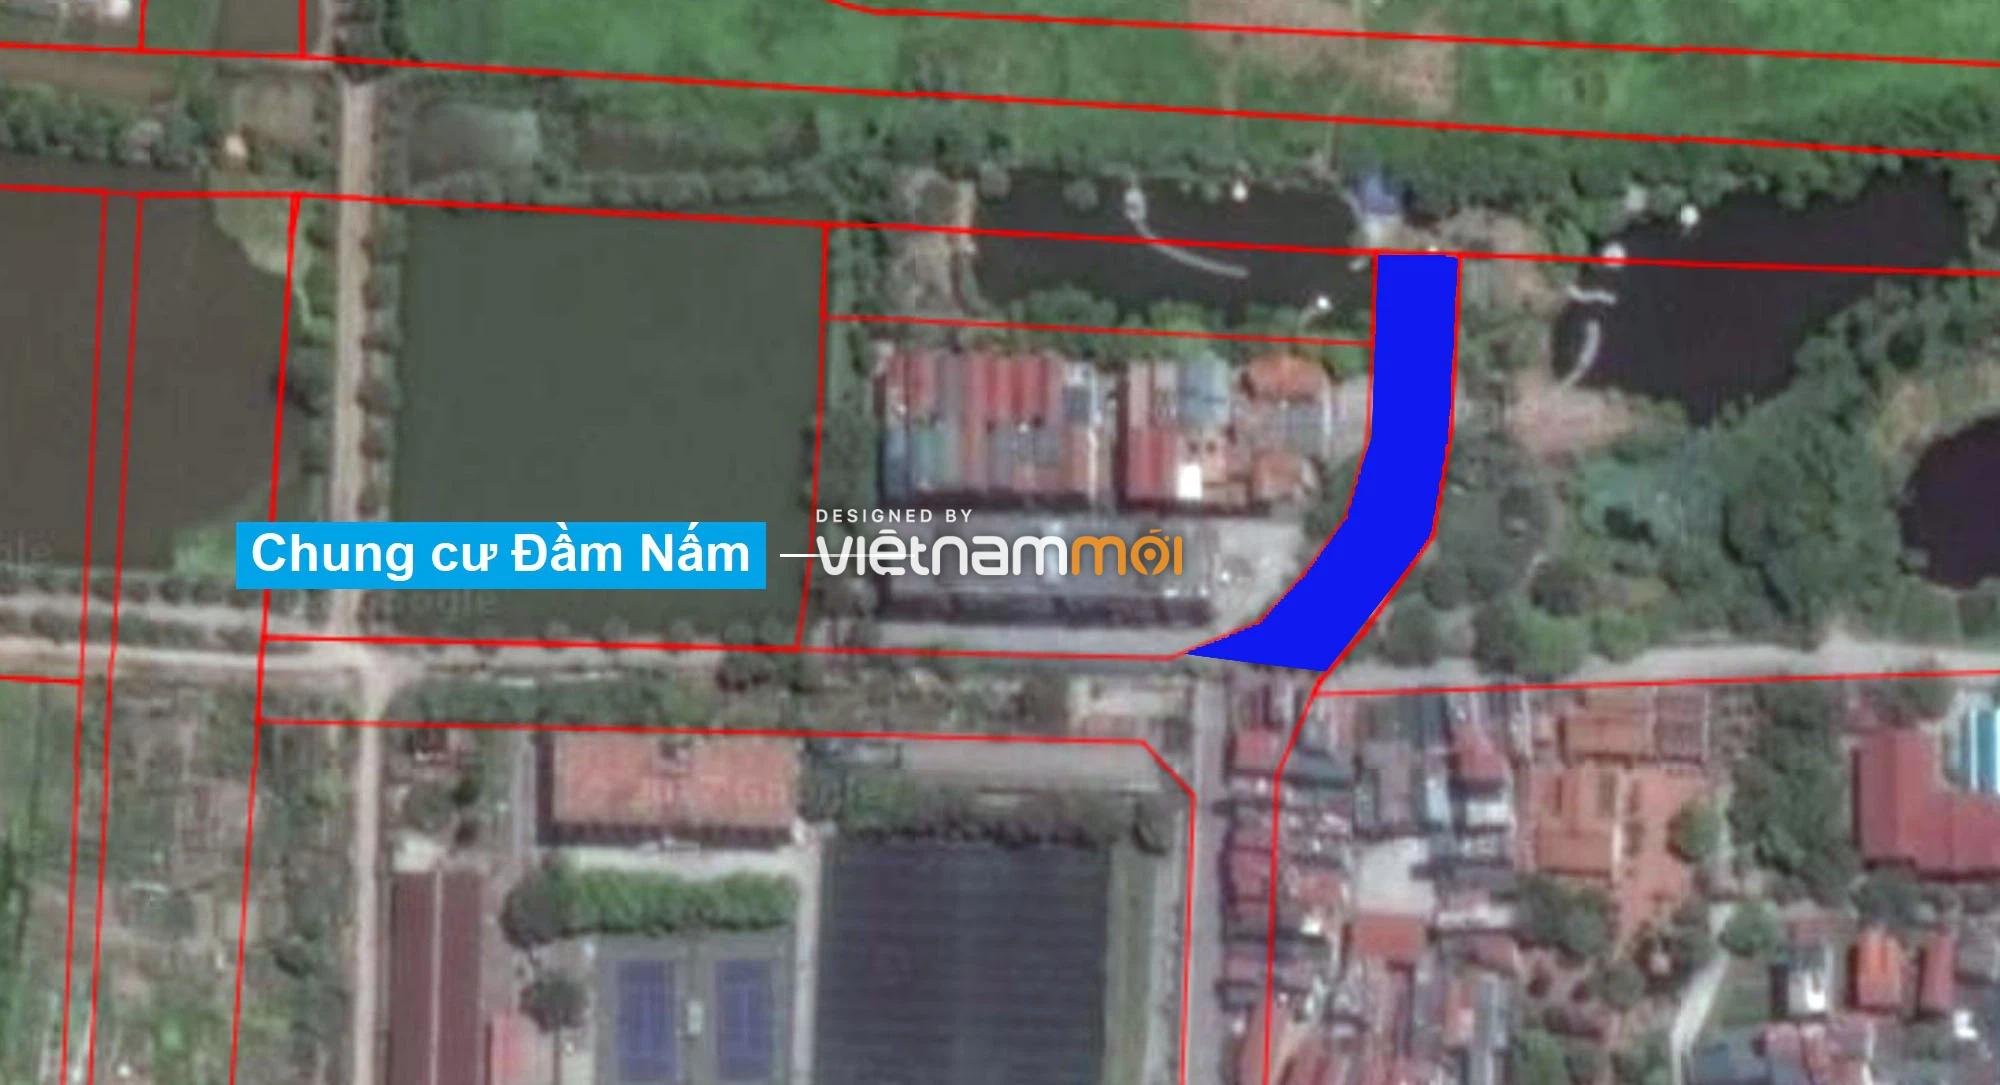 Những khu đất sắp thu hồi để mở đường ở phường Thượng Thanh, Long Biên, Hà Nội (phần 2) - Ảnh 13.